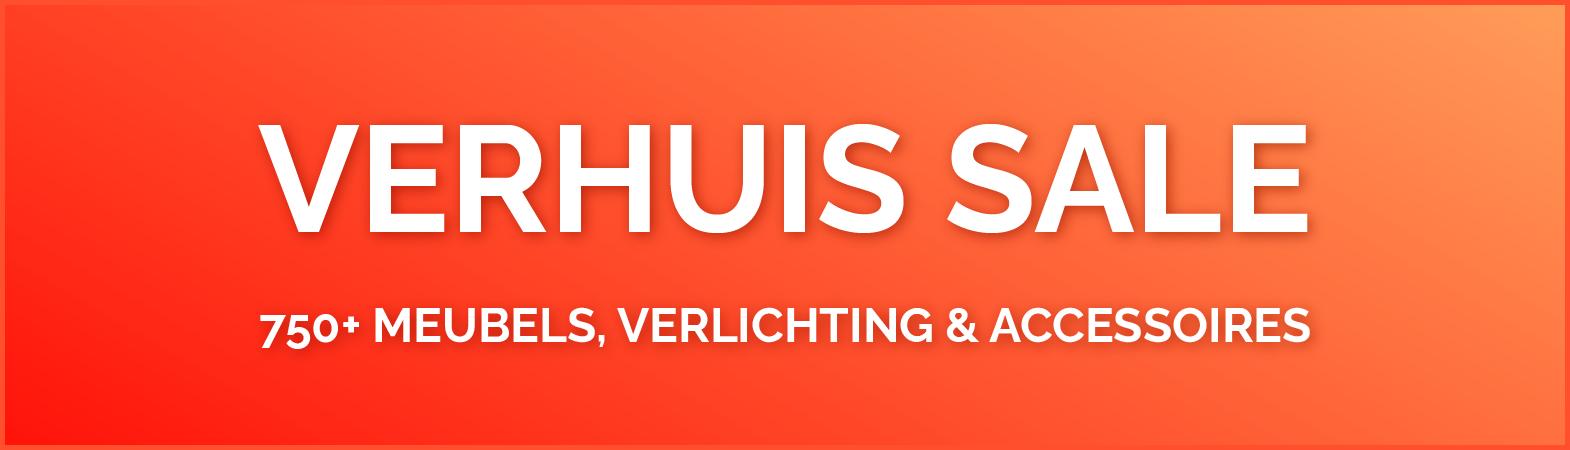 Musthaves.nl   Extreem lage prijzen tijdens onze Verhuis Sale!